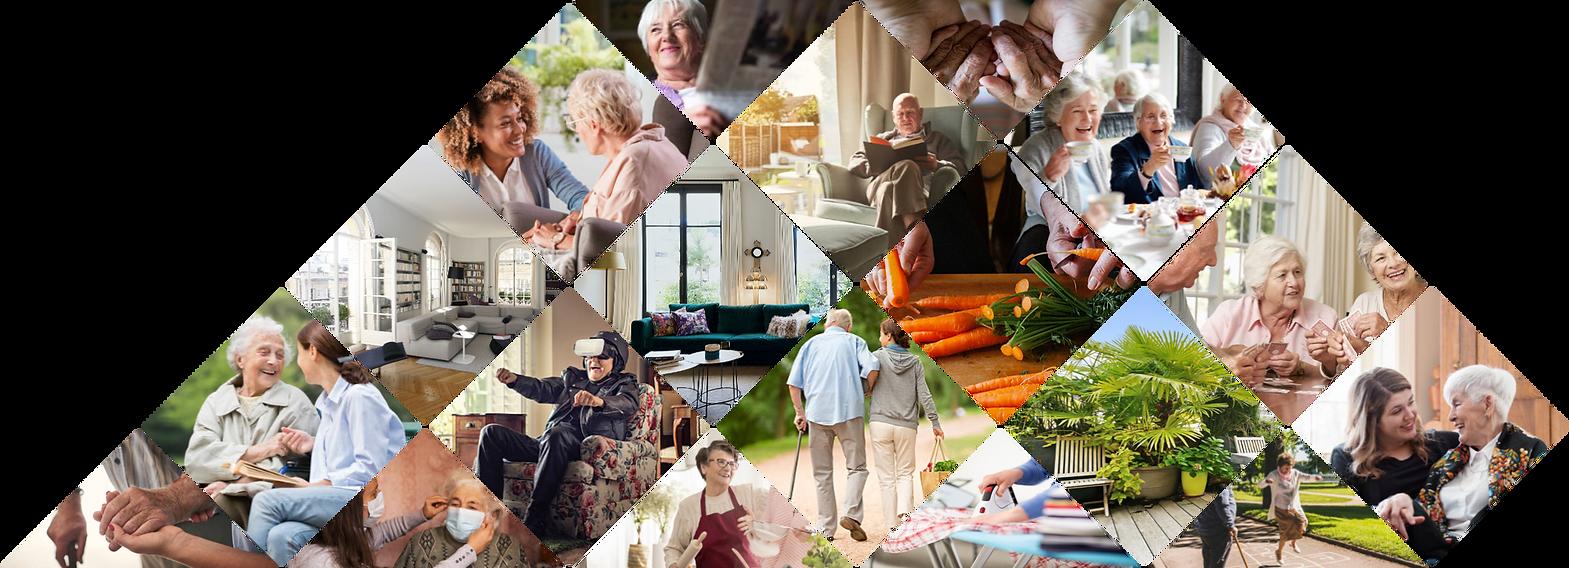 Chez jeannette offre une alternative innovante à la maison de retraite, à l'ehpad et aux résidences services